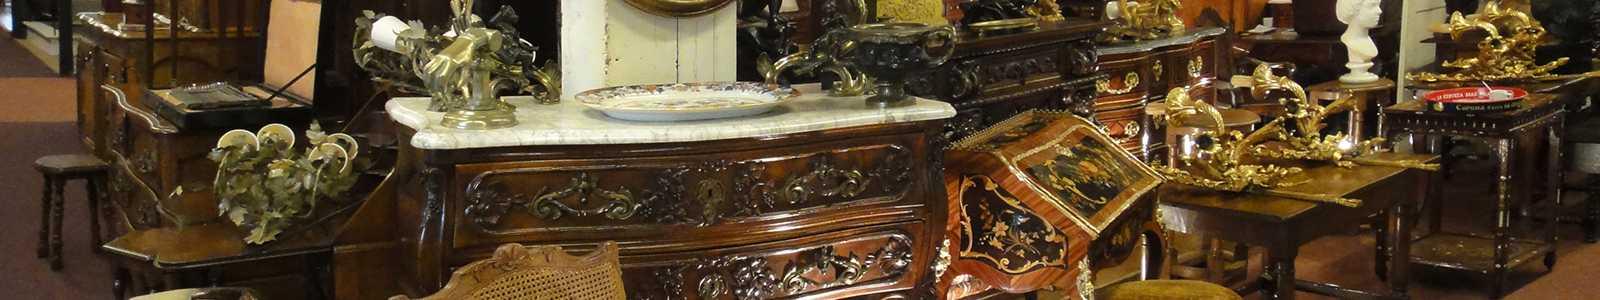 Gallery Ligia Antik Salon